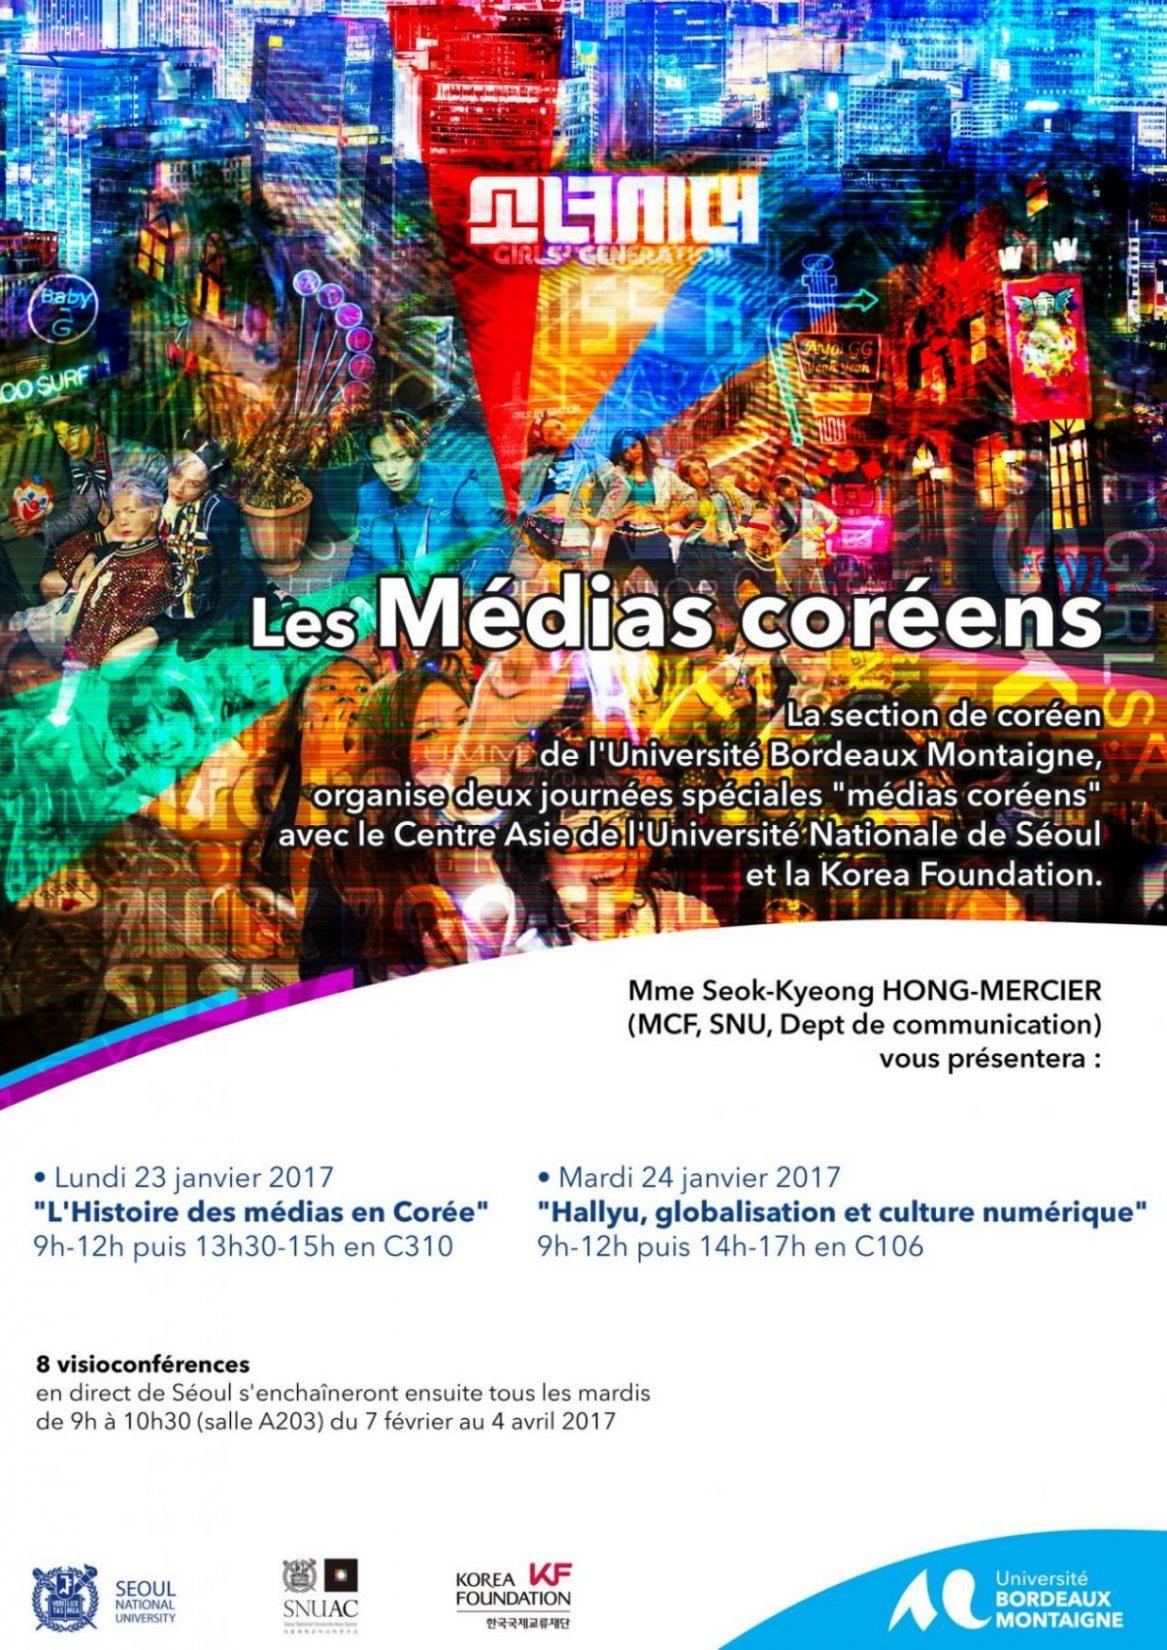 affiche-medias-coreens